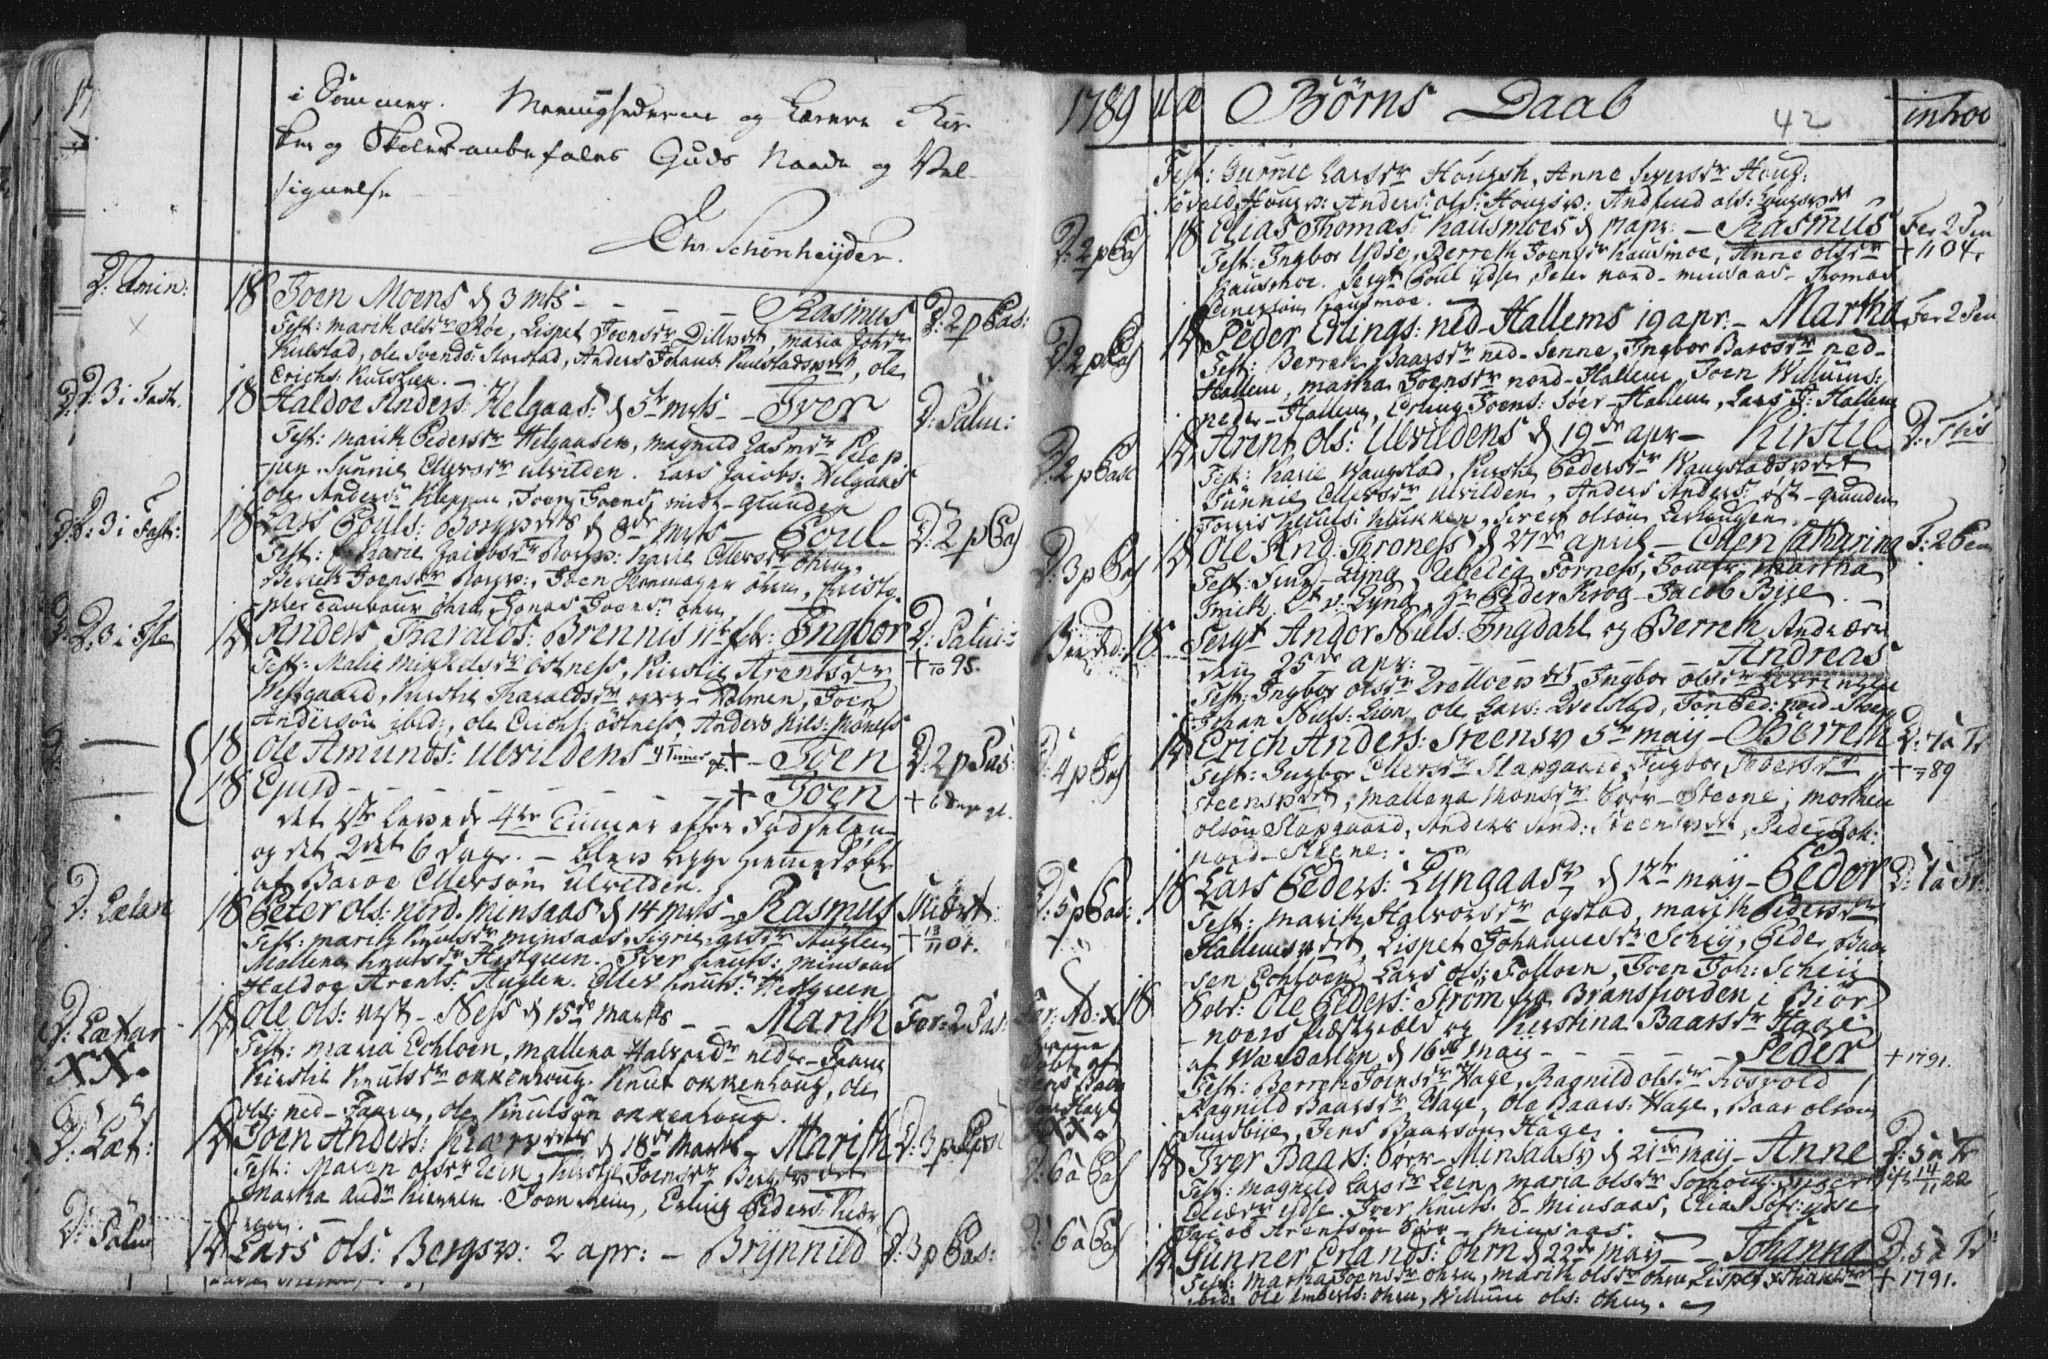 SAT, Ministerialprotokoller, klokkerbøker og fødselsregistre - Nord-Trøndelag, 723/L0232: Ministerialbok nr. 723A03, 1781-1804, s. 42